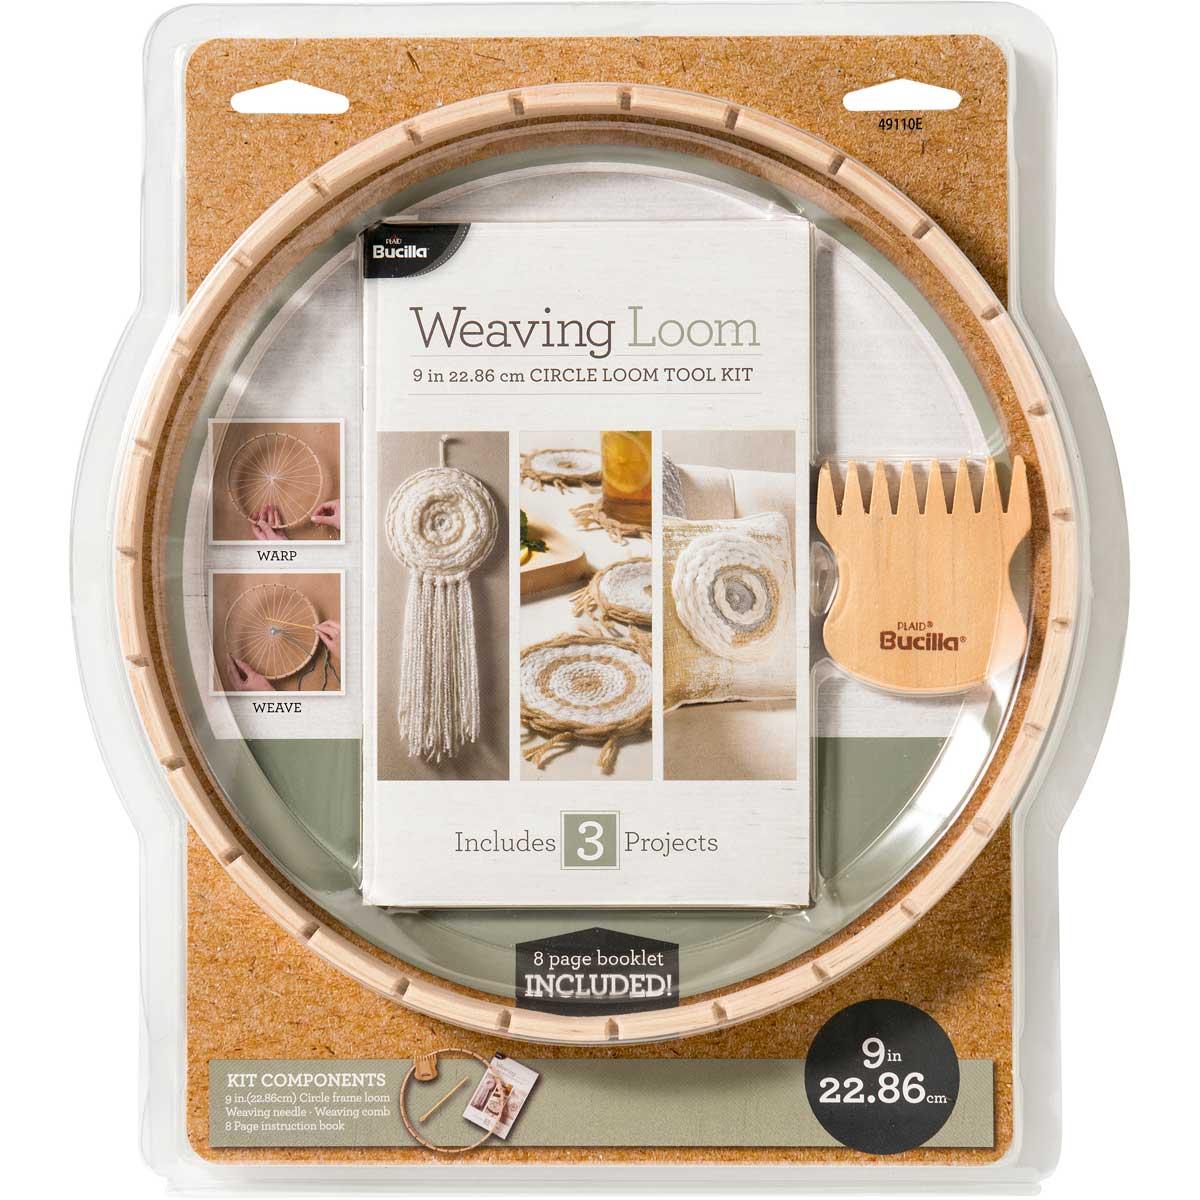 Bucilla ® Weaving Loom - 9 inch Circle Loom Kit - 49110